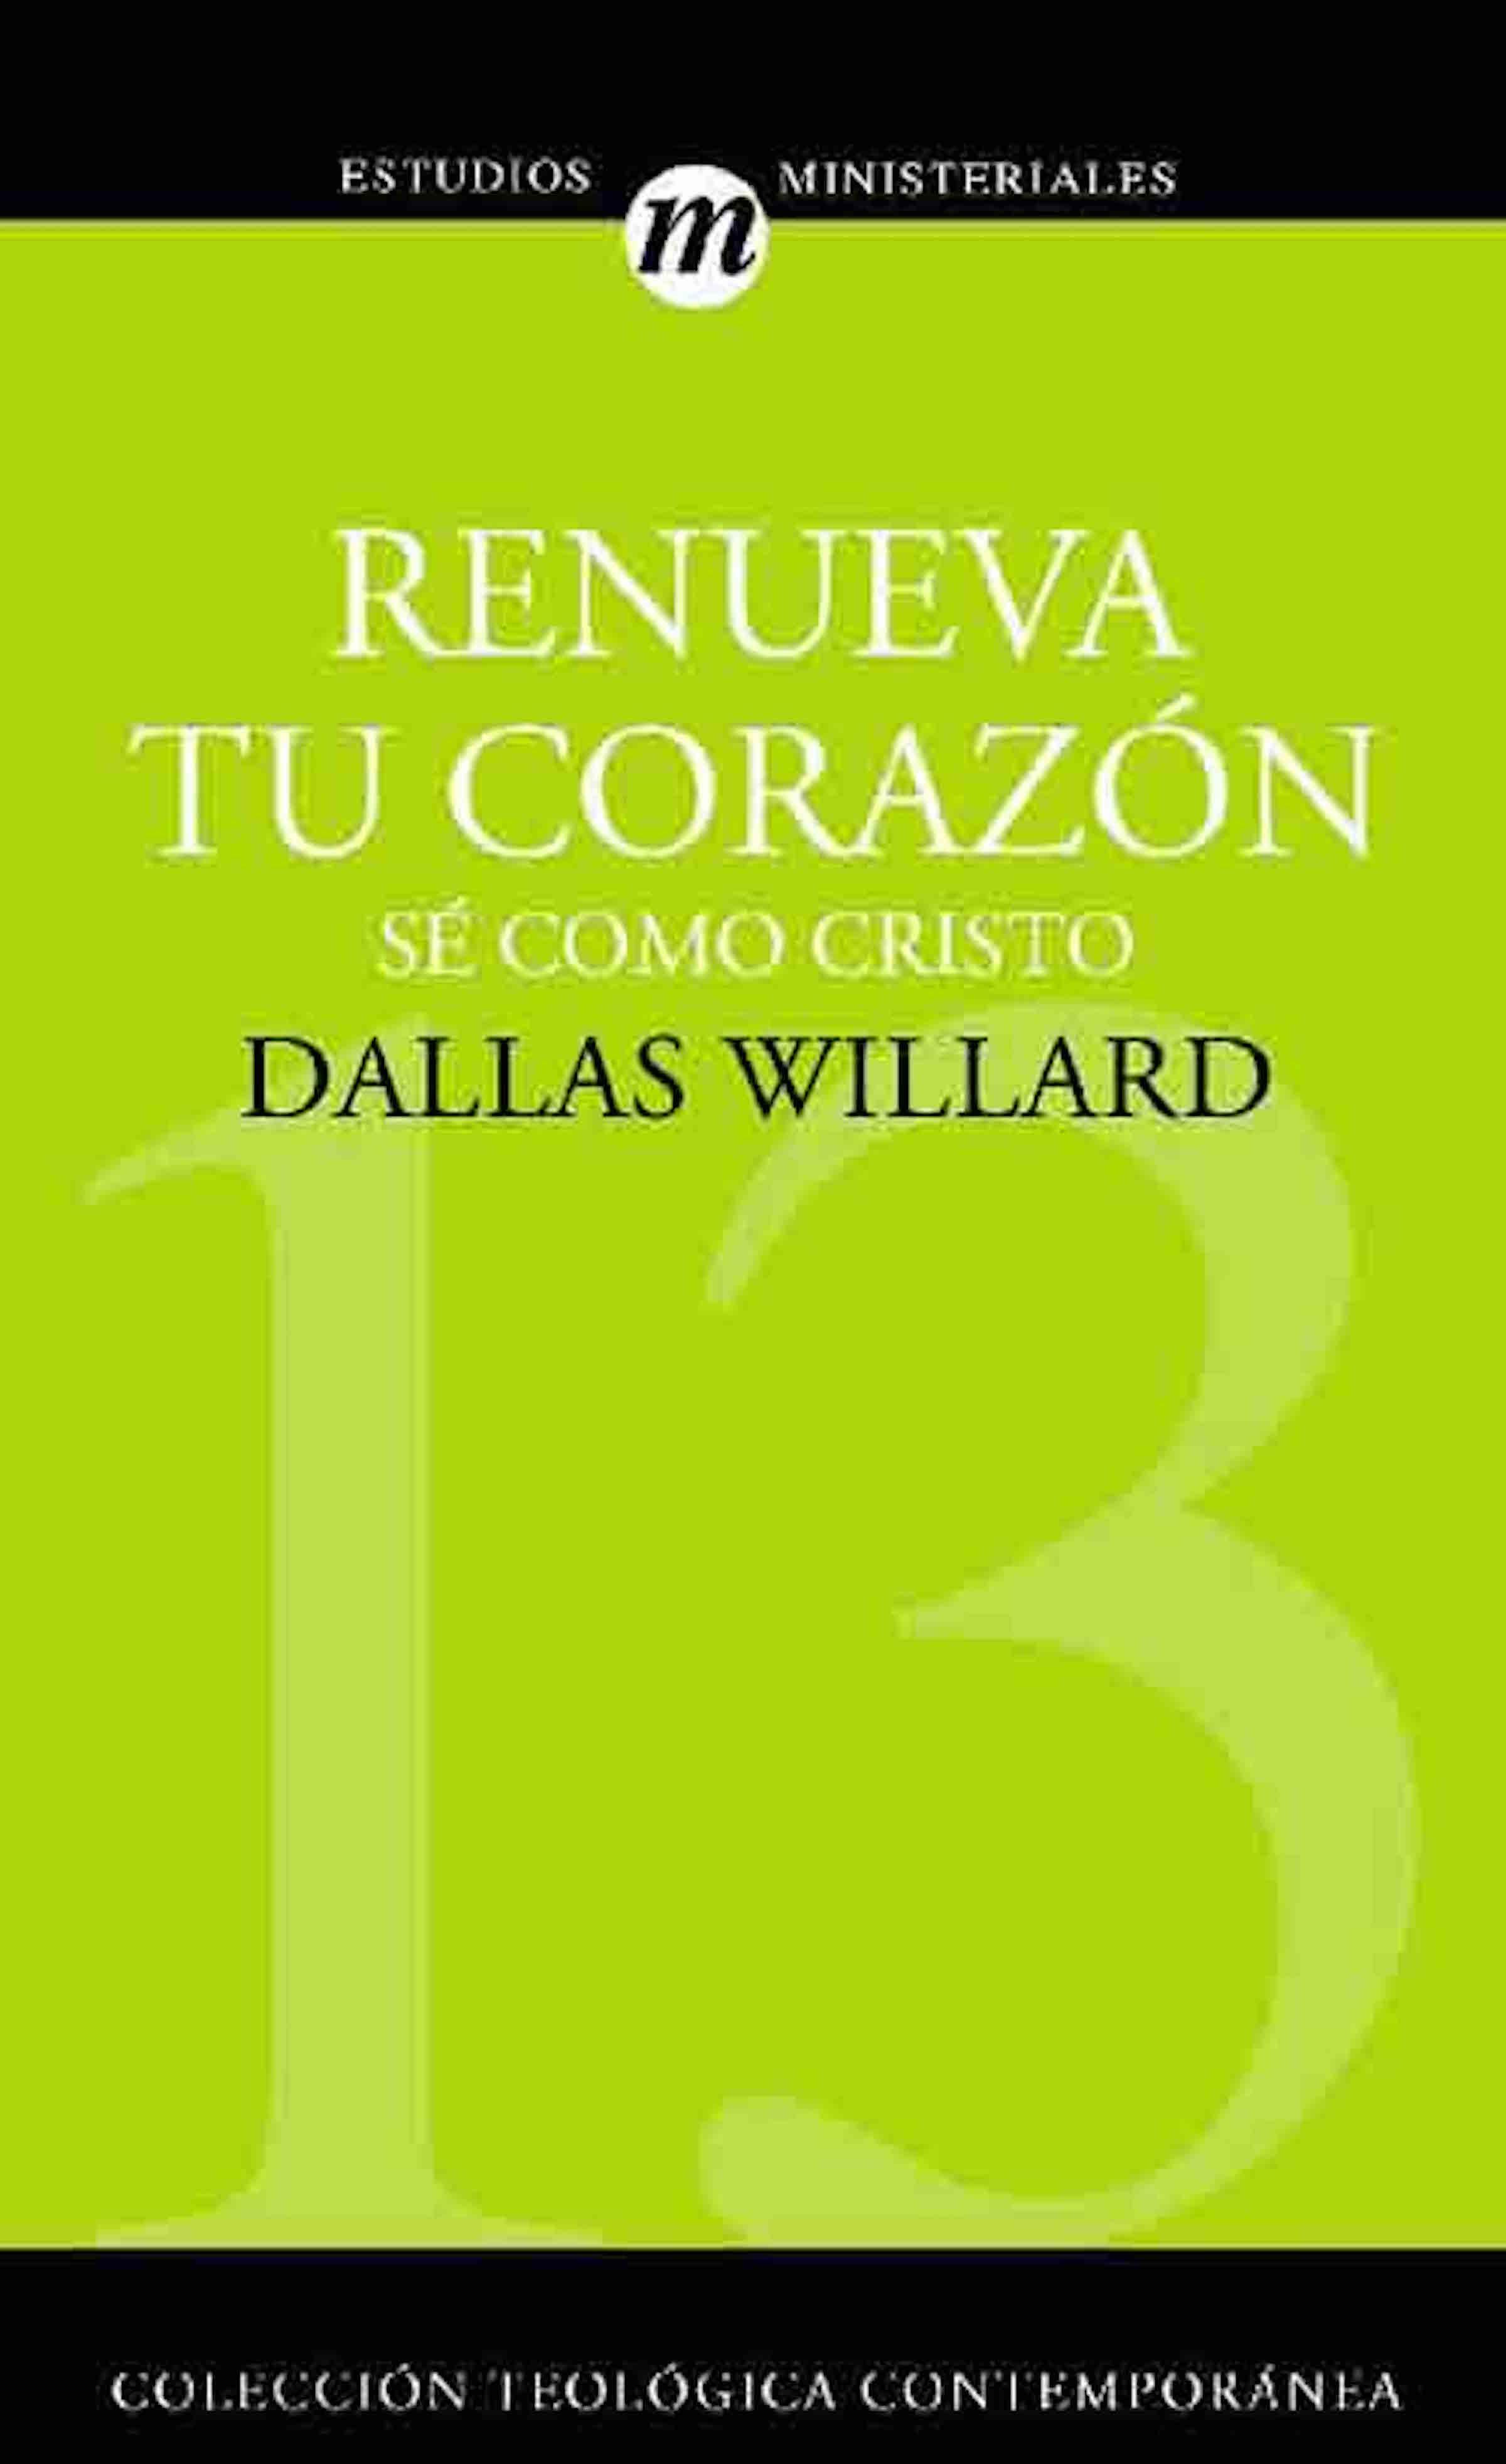 Dallas Willard Renueva tu corazón